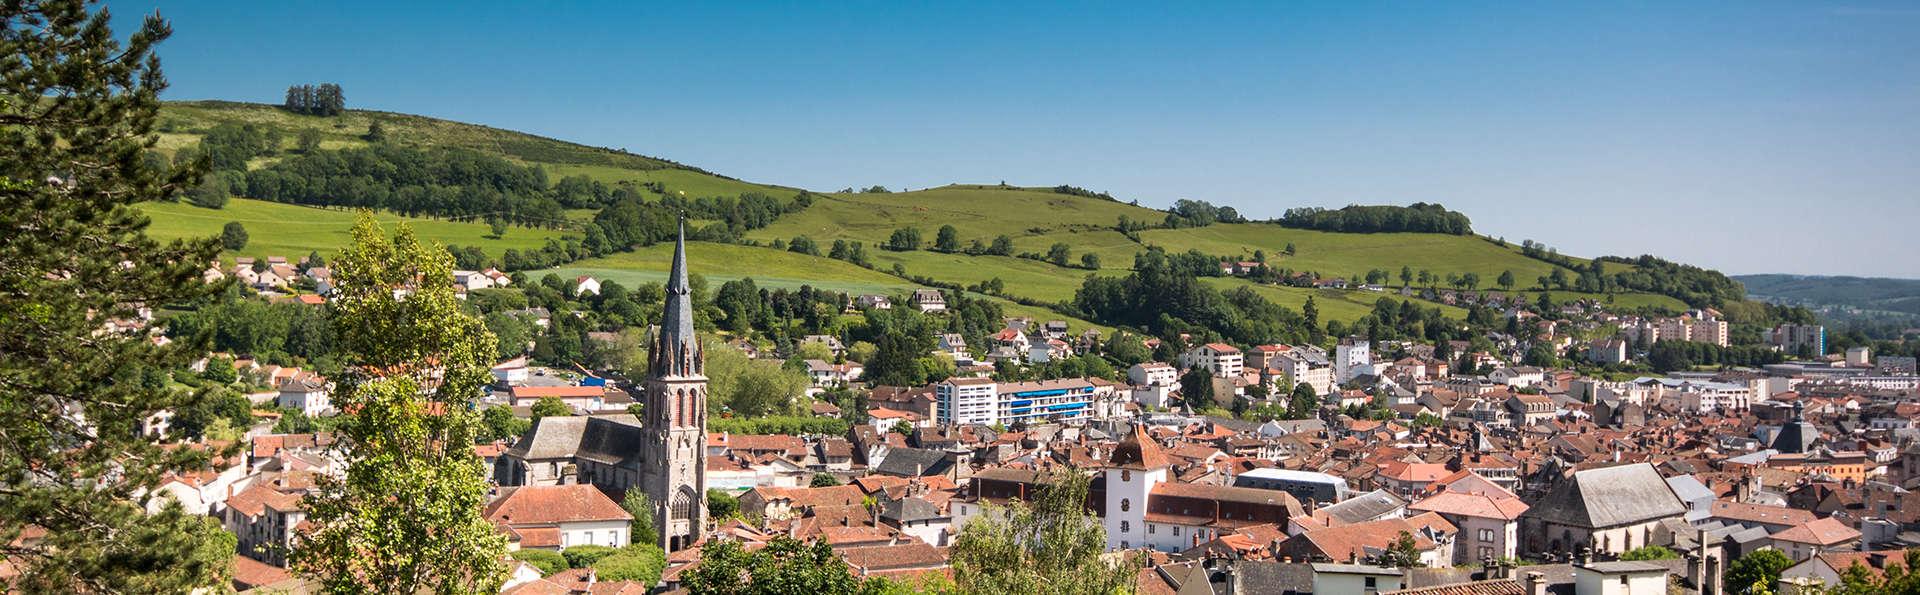 Vacancéole - Résidence Domaine du Bosquet - Edit_Aurillac.jpg